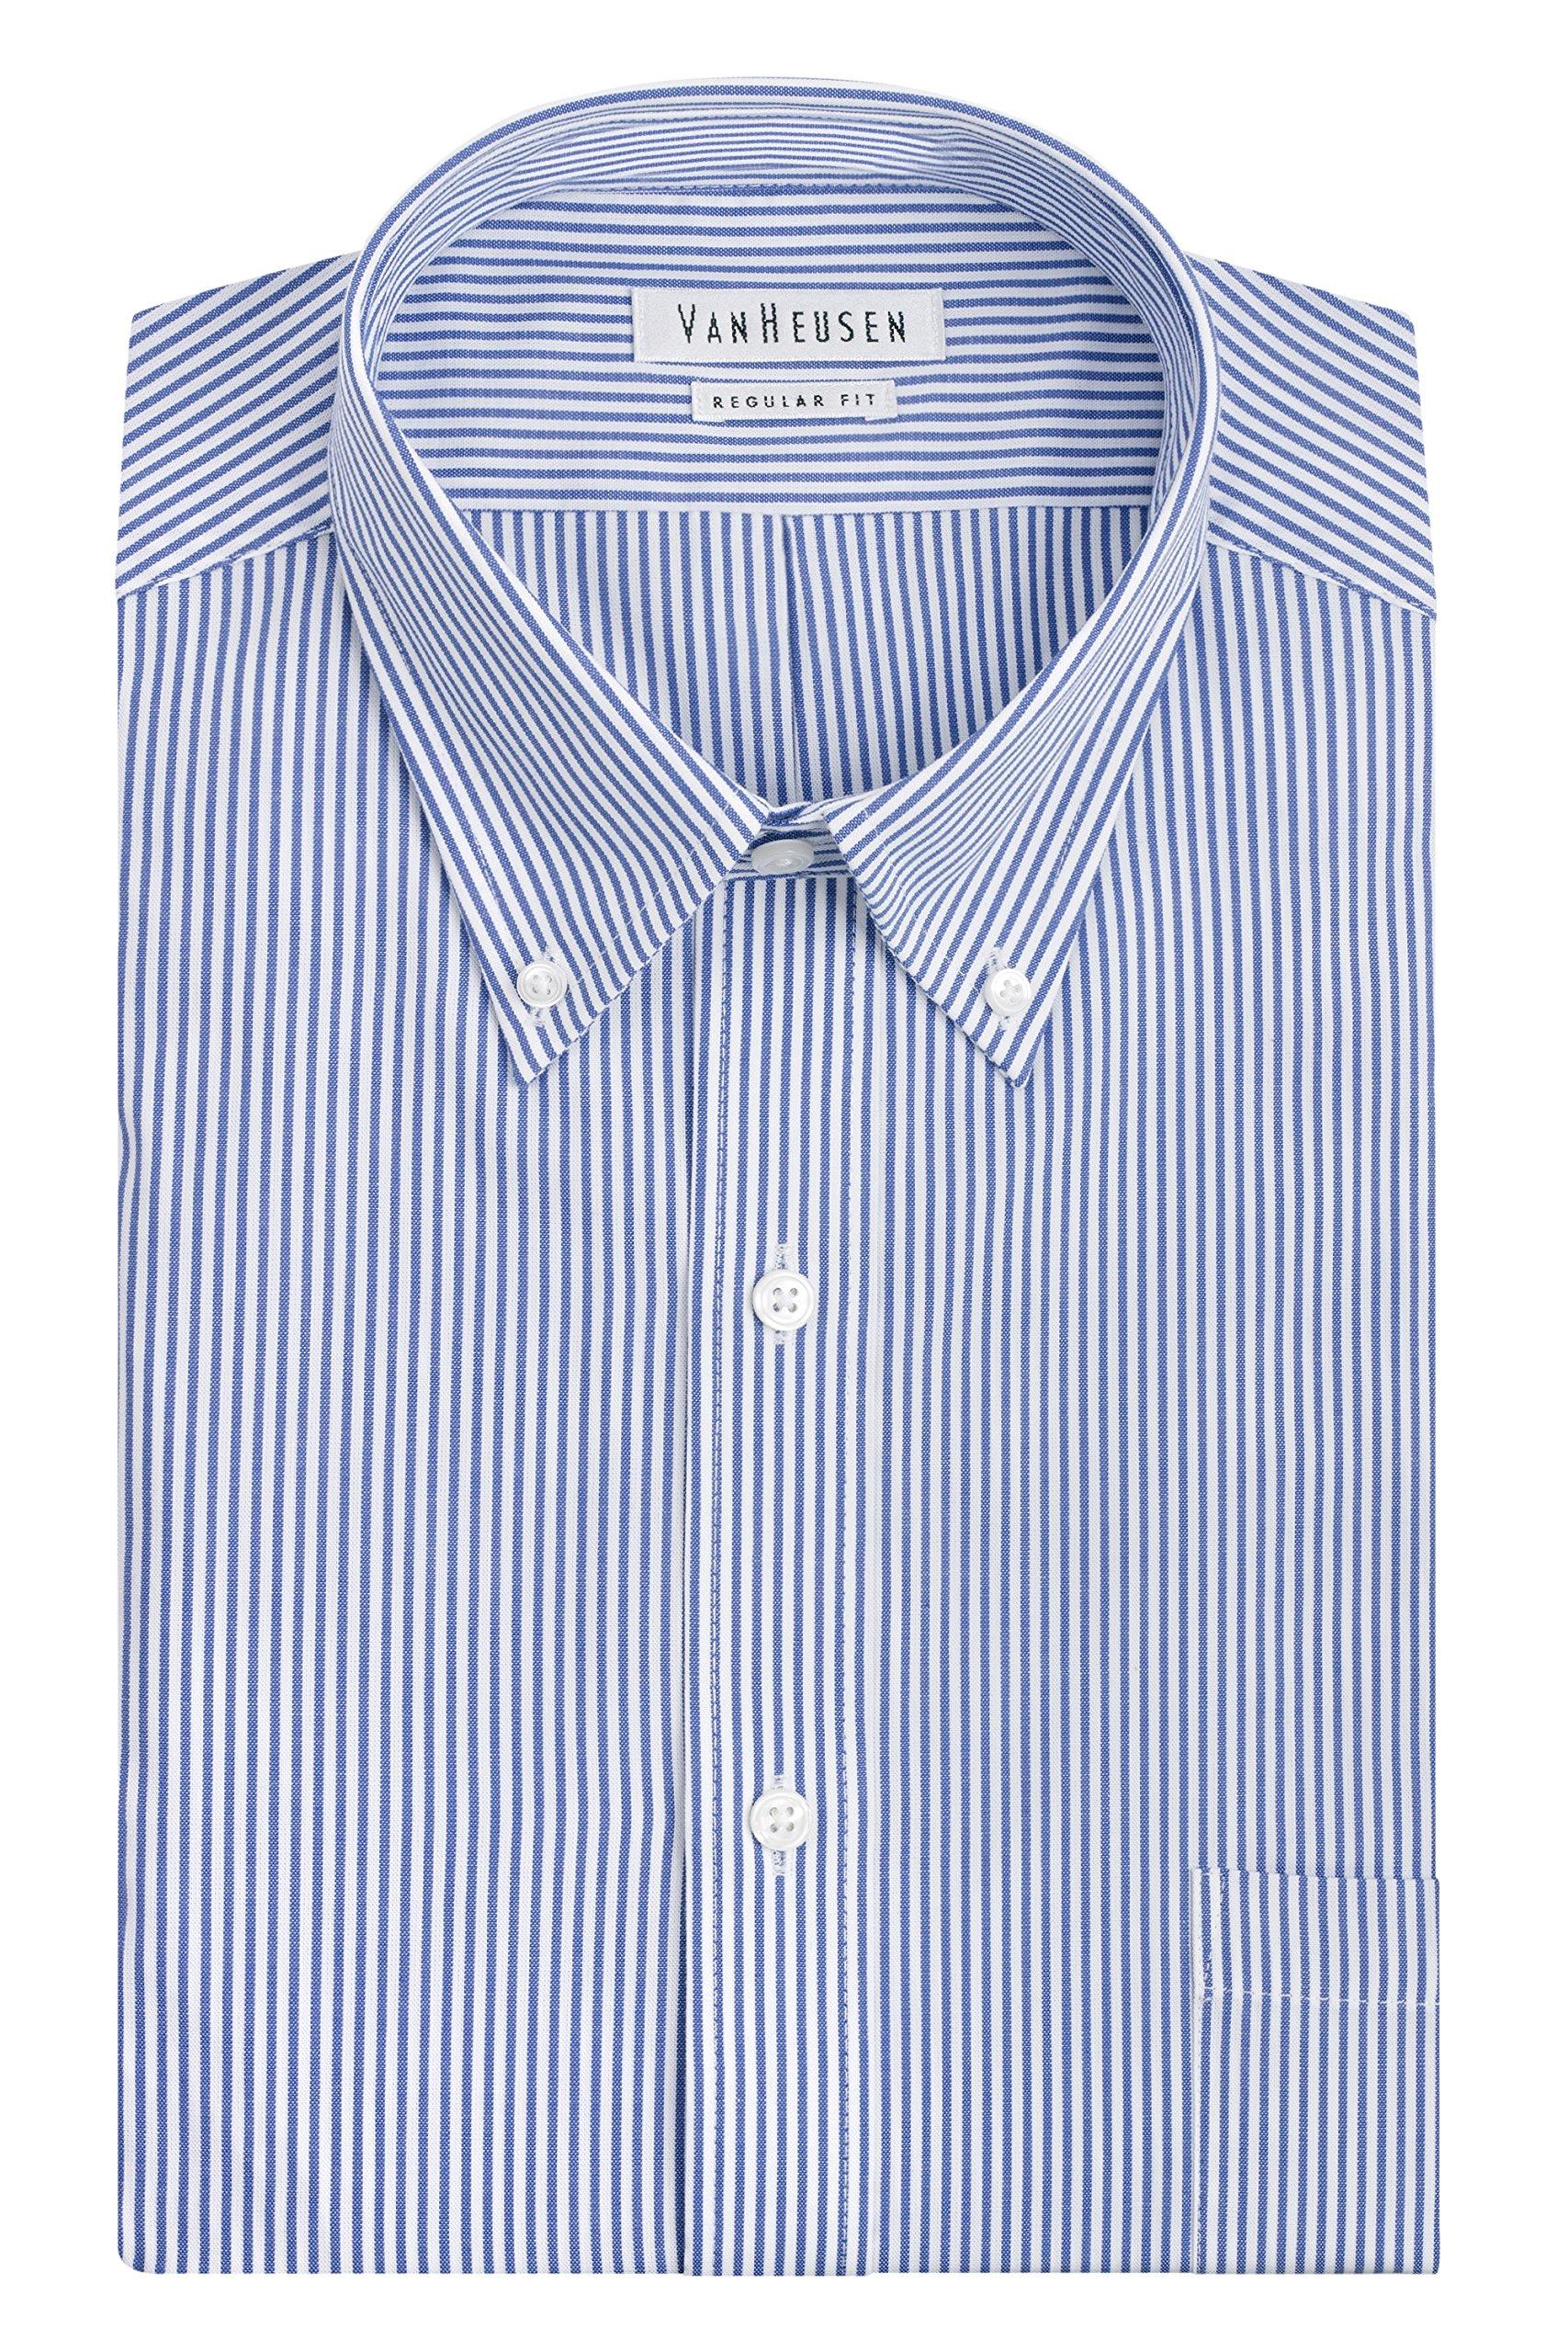 Van Heusen Men's Big and Tall Pinpoint Regular Fit Stripe Button Down Collar Dress Shirt, Blue, 18'' Neck 34''-35'' Sleeve